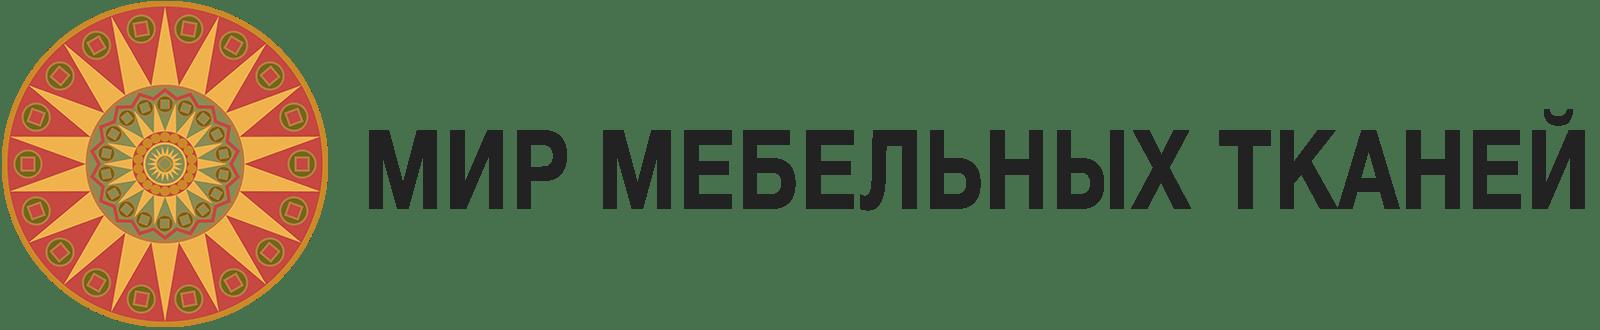 Купить обивочную ткань для мебели в Украине | Мир Мебельных Тканей